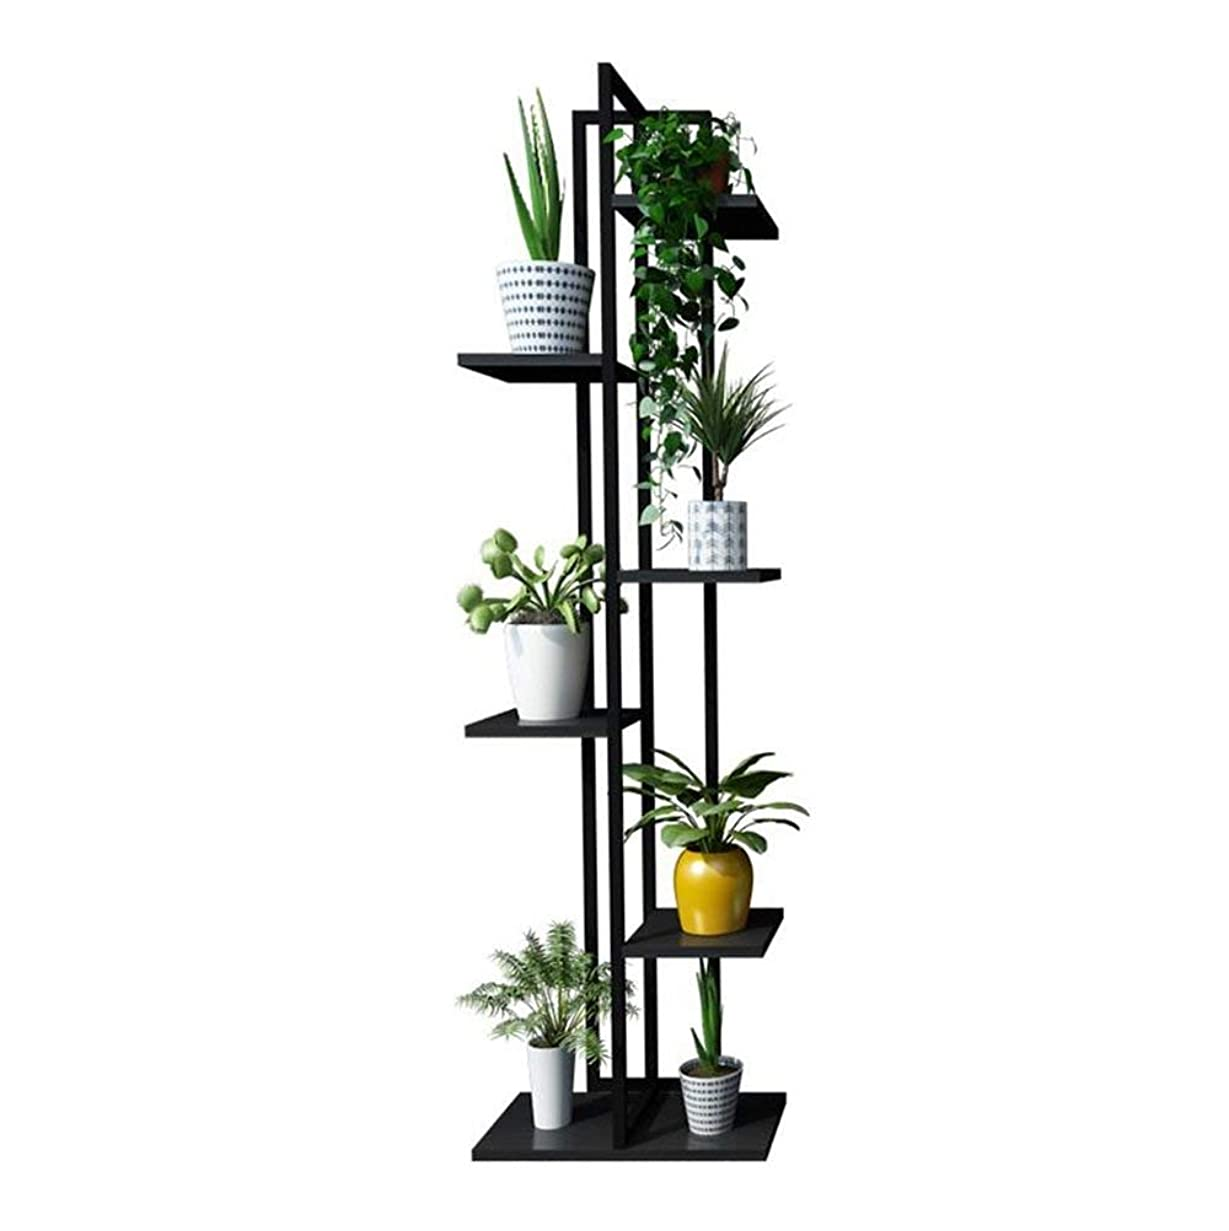 アーティキュレーション机リテラシー植物スタンド、フラワースタンド6層鉄フラワースタンド/フラワーラックと金属黒立ちラック盆栽ディスプレイスタンド(#1)